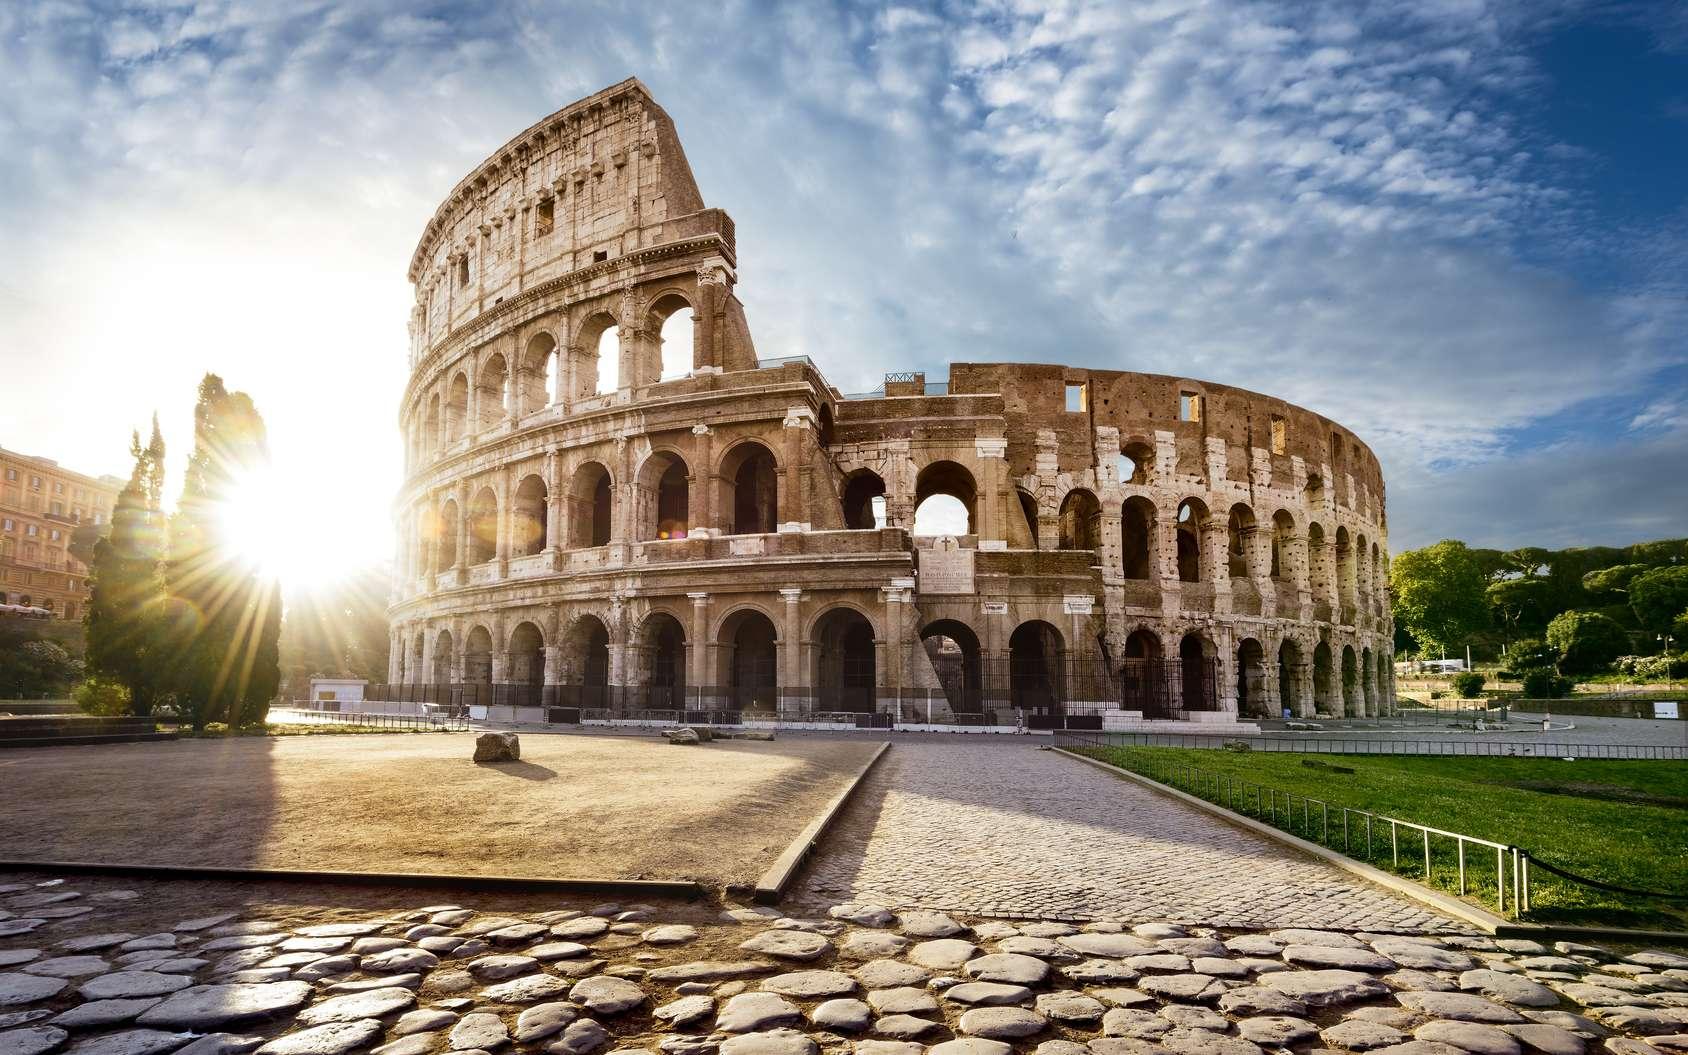 Le Colisée de Rome, emblème de la ville éternelle depuis près de 2.000 ans. © beatrice prève, fotolia